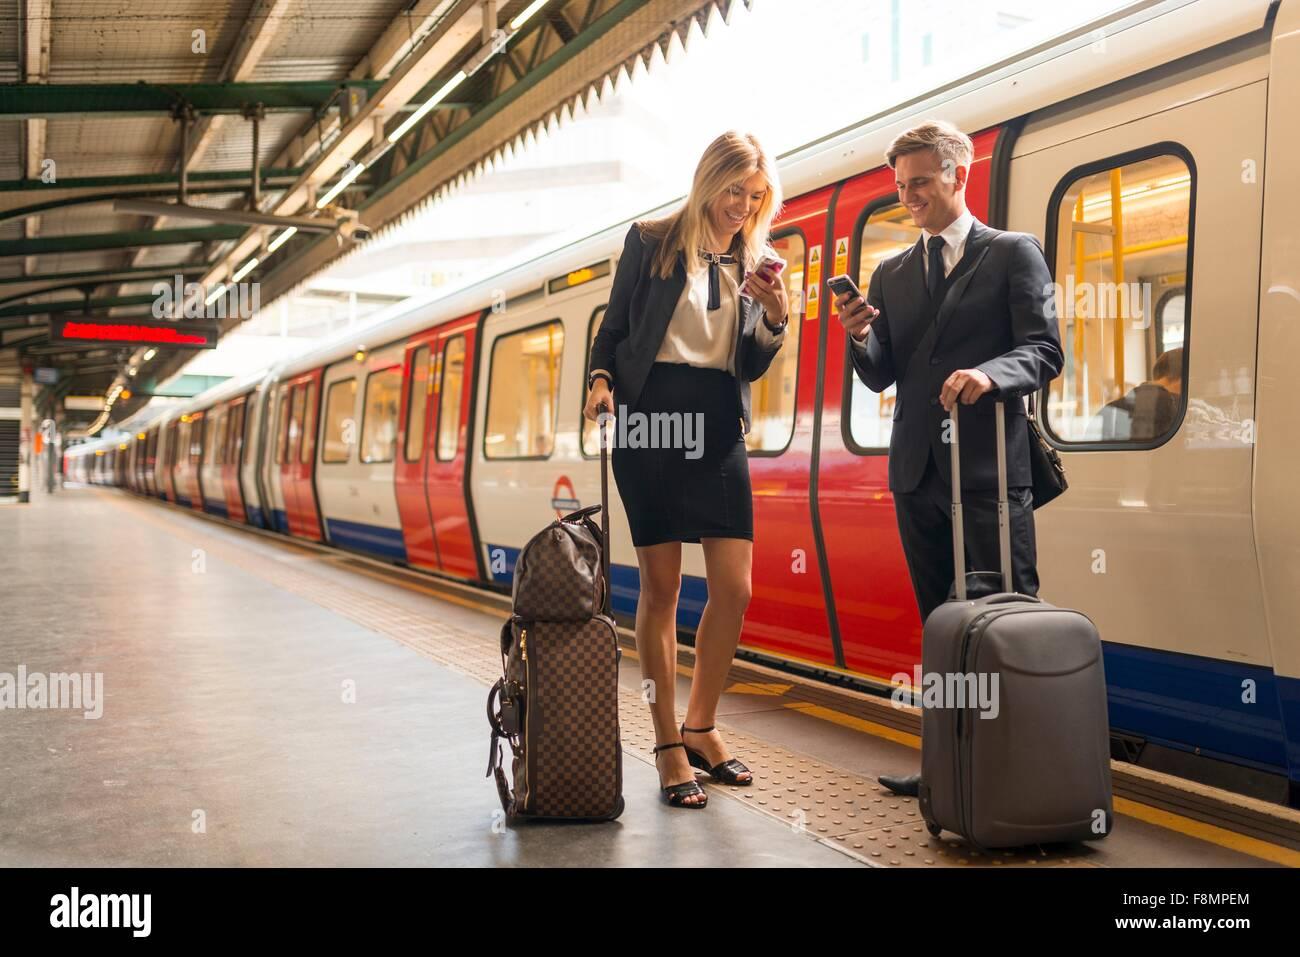 Unternehmer und Unternehmerin SMS auf Plattform, u-Bahnstation, London, UK Stockbild